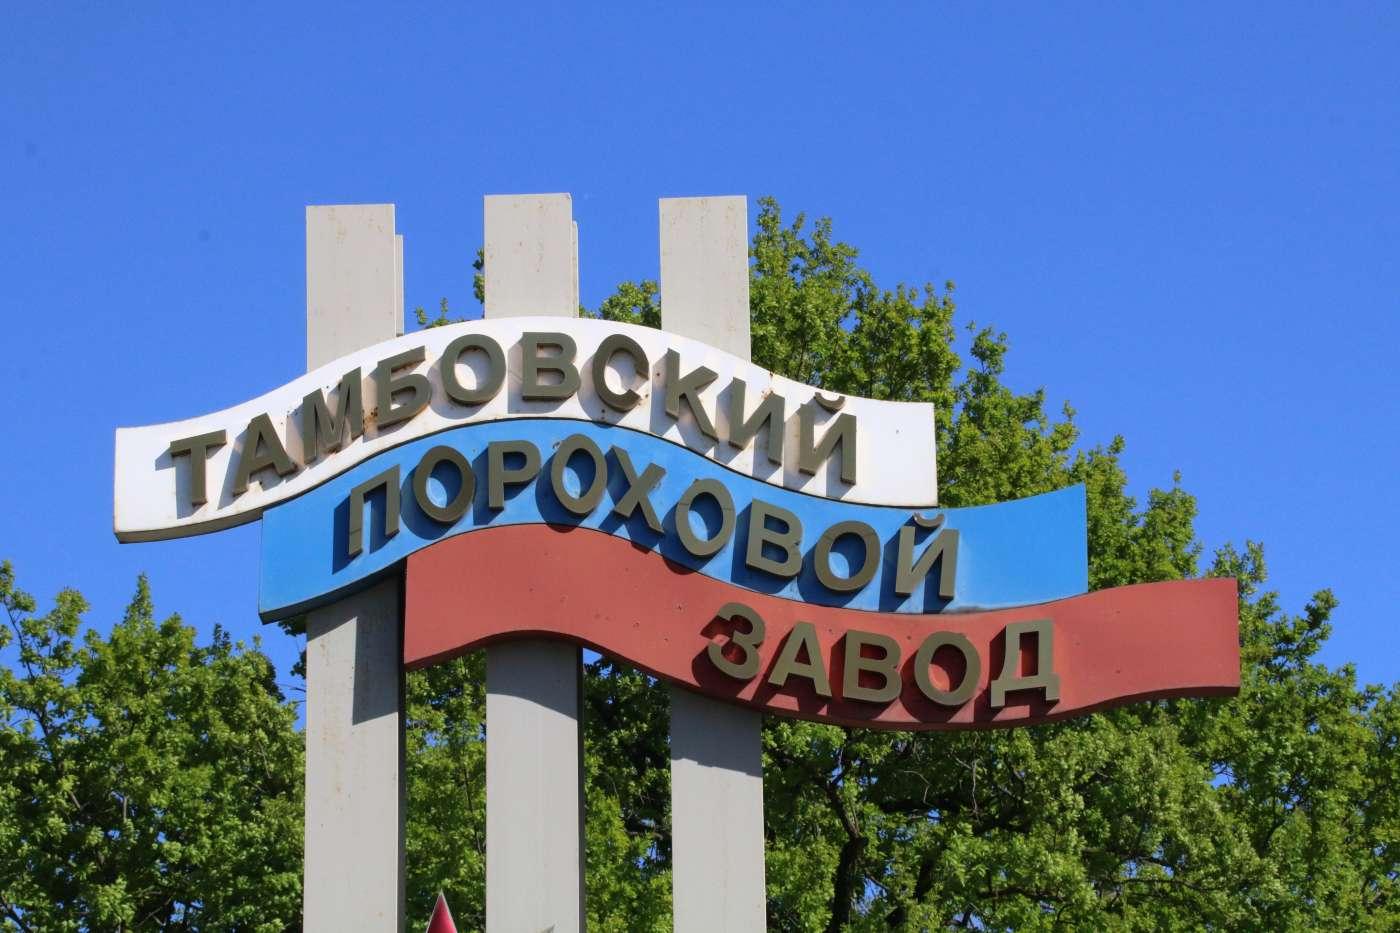 Котовский «Пороховой завод» получил иск на 61 млн рублей